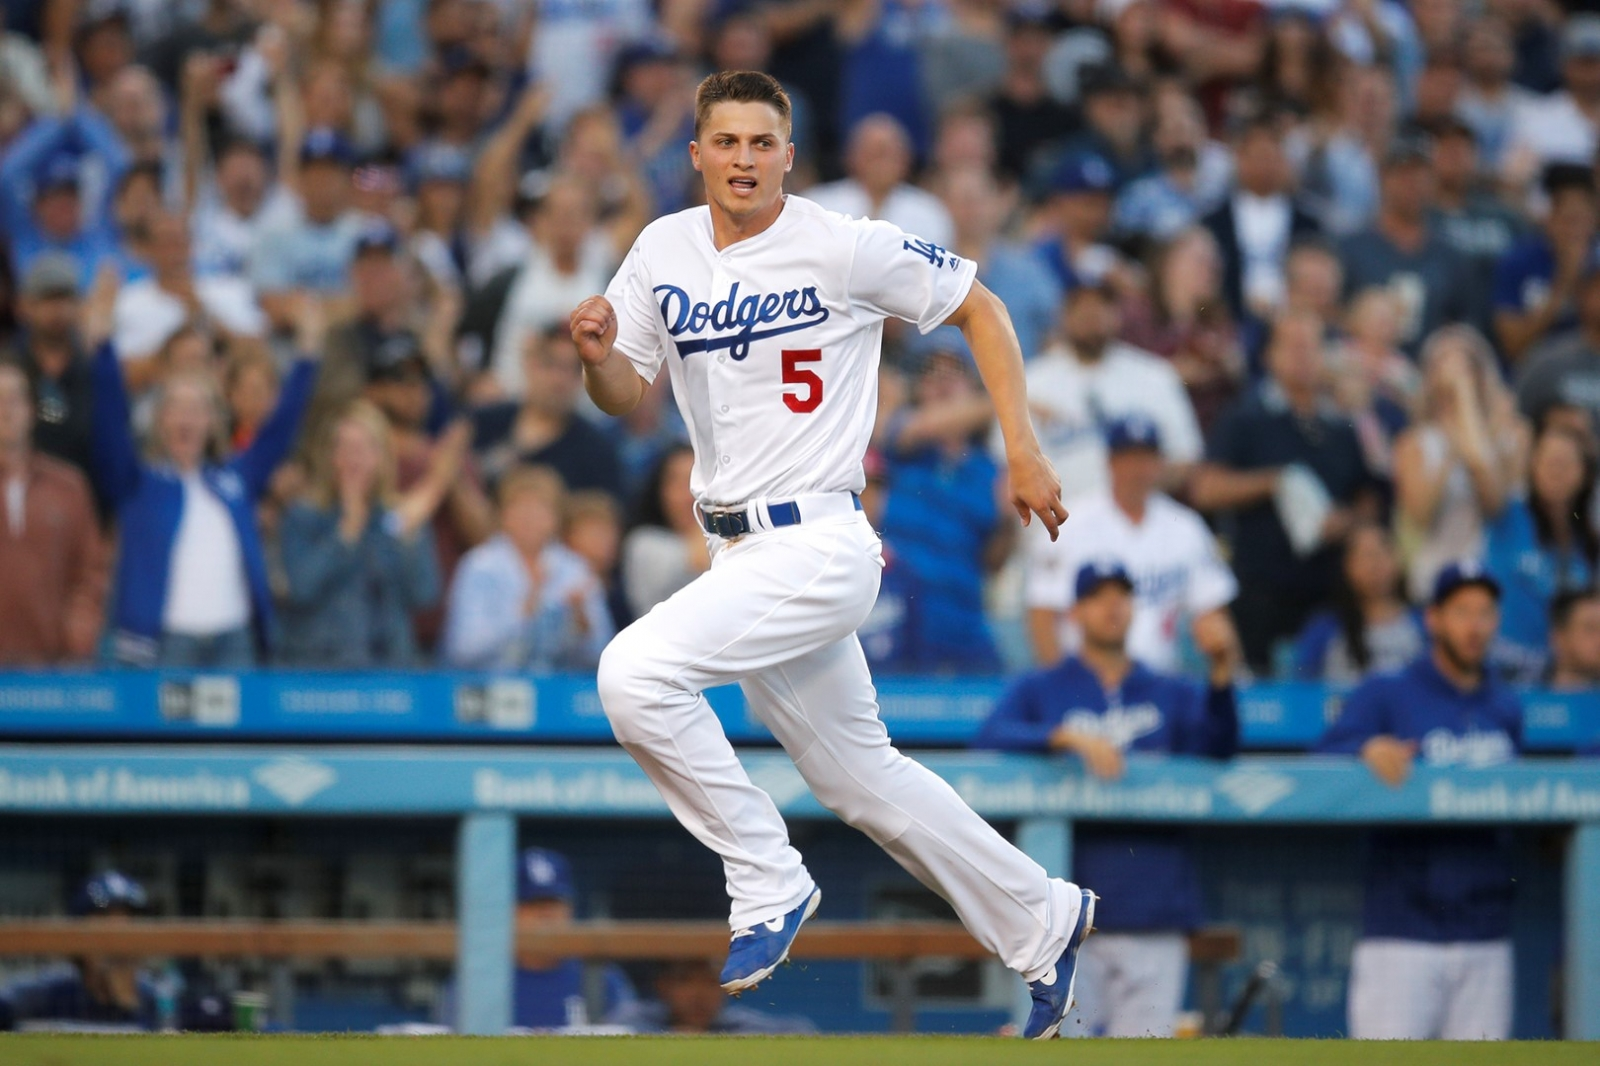 Breyvic Valera recibió el llamado de los Dodgers